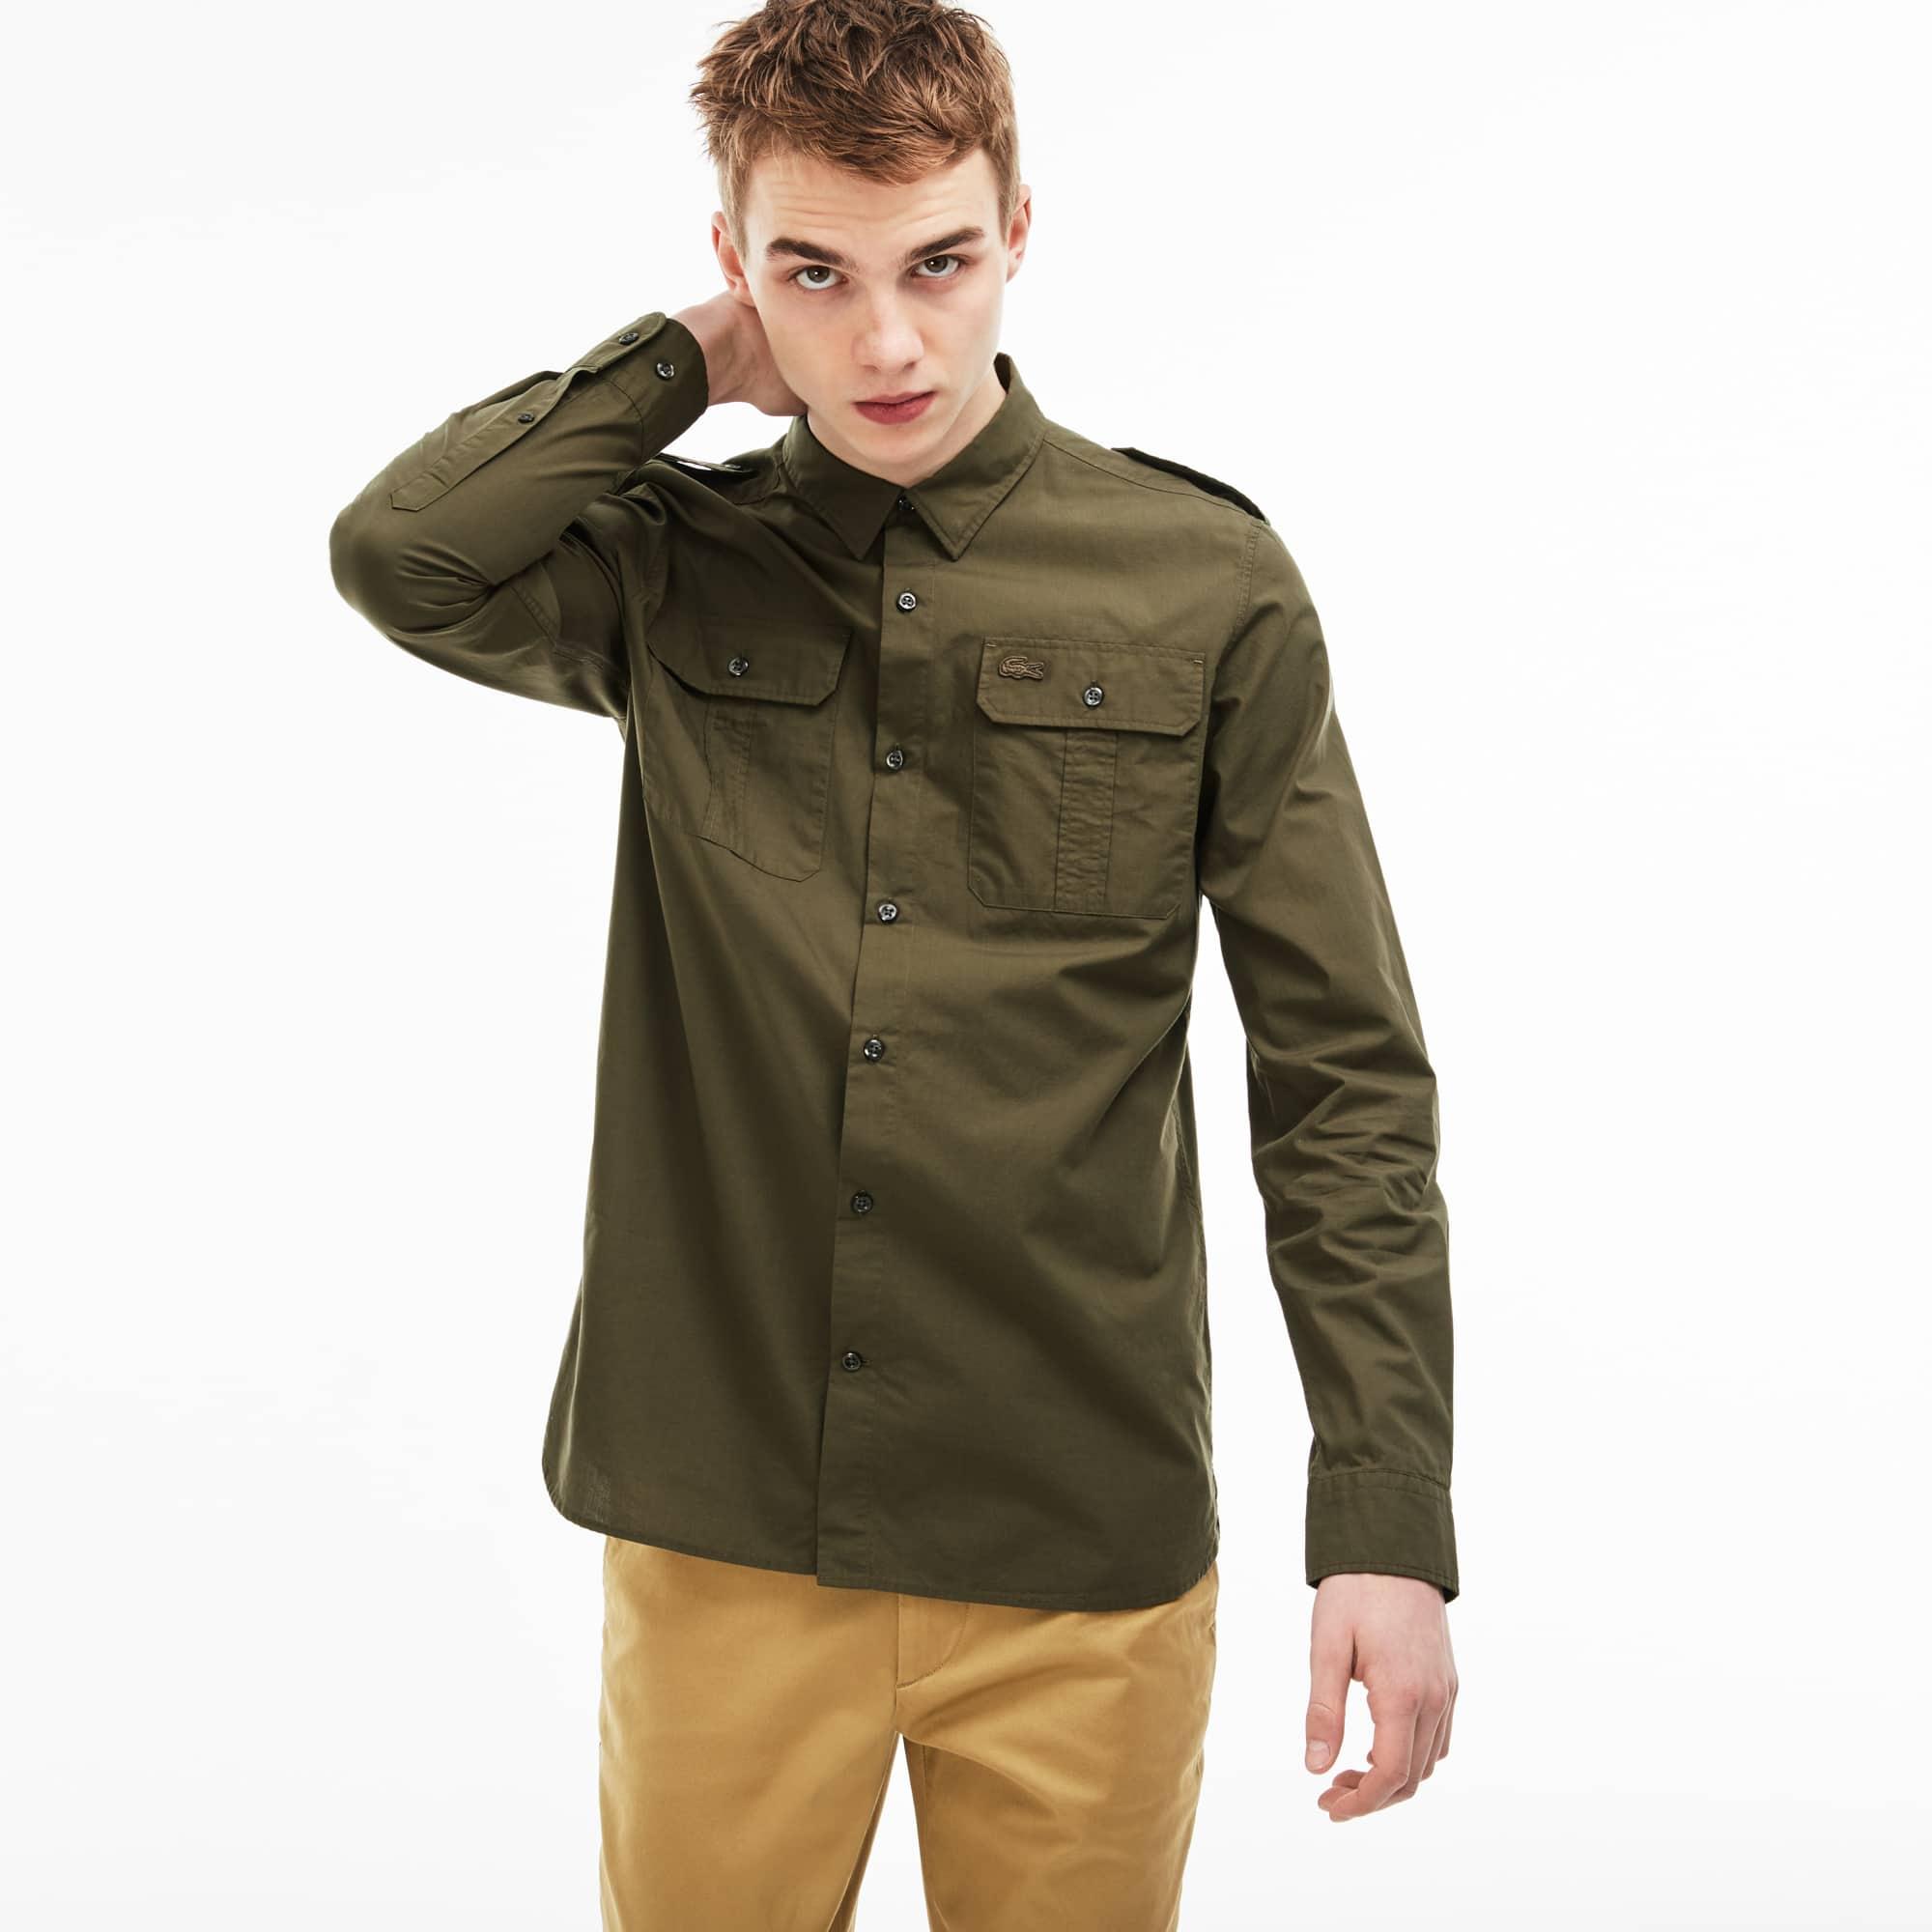 Camicia Skinny fit Lacoste LIVE in popeline di cotone tinta unita con tasche